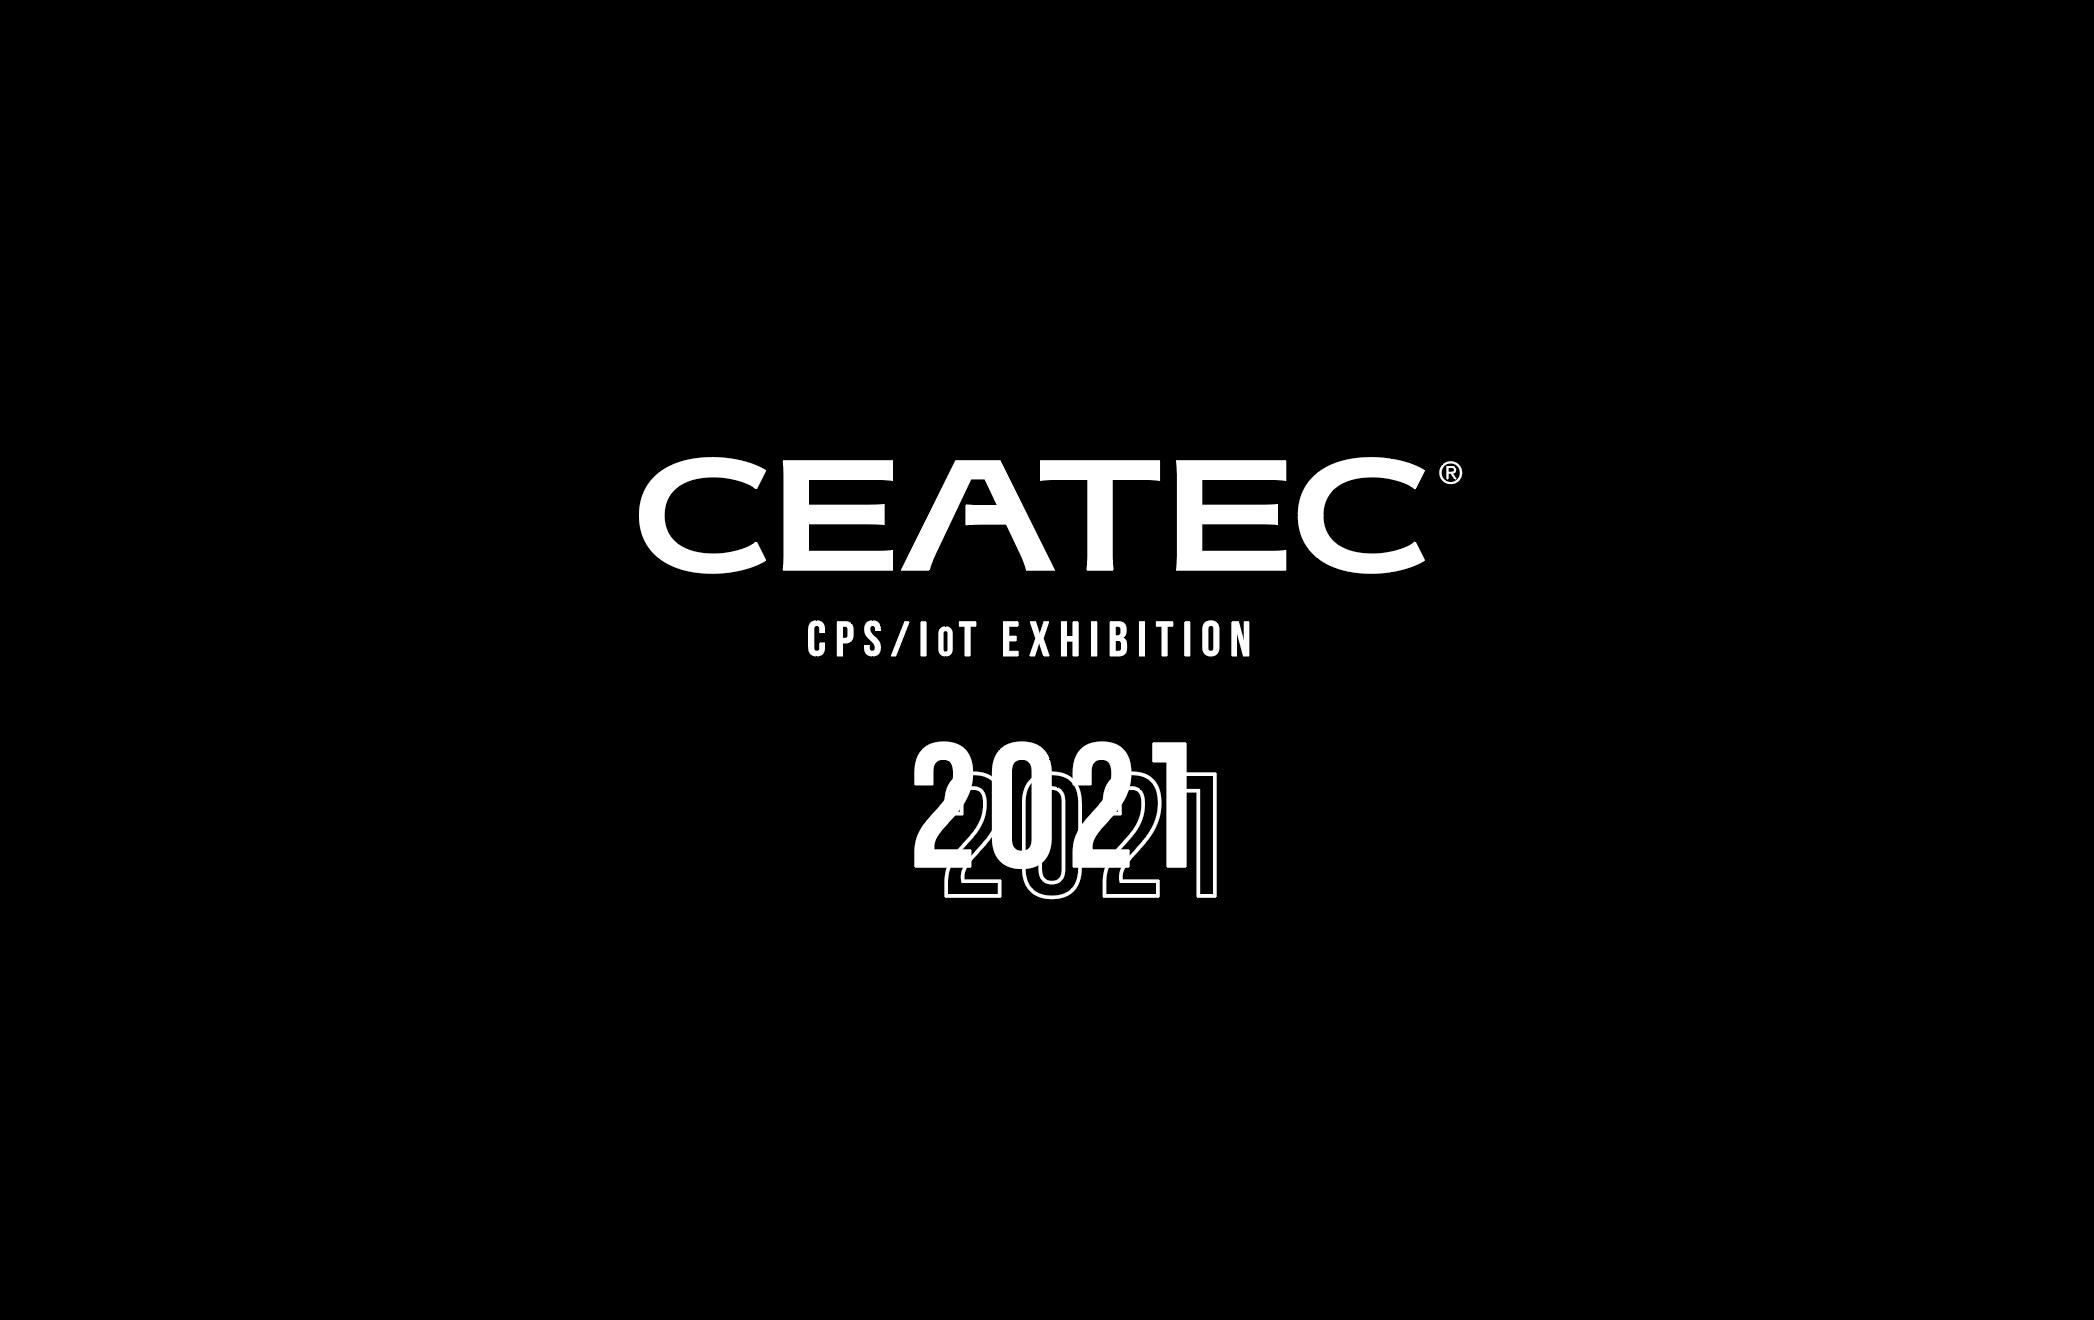 CEATEC2021 10月19日〜22日、幕張メッセで オンライン5月下旬〜11月30日の画像